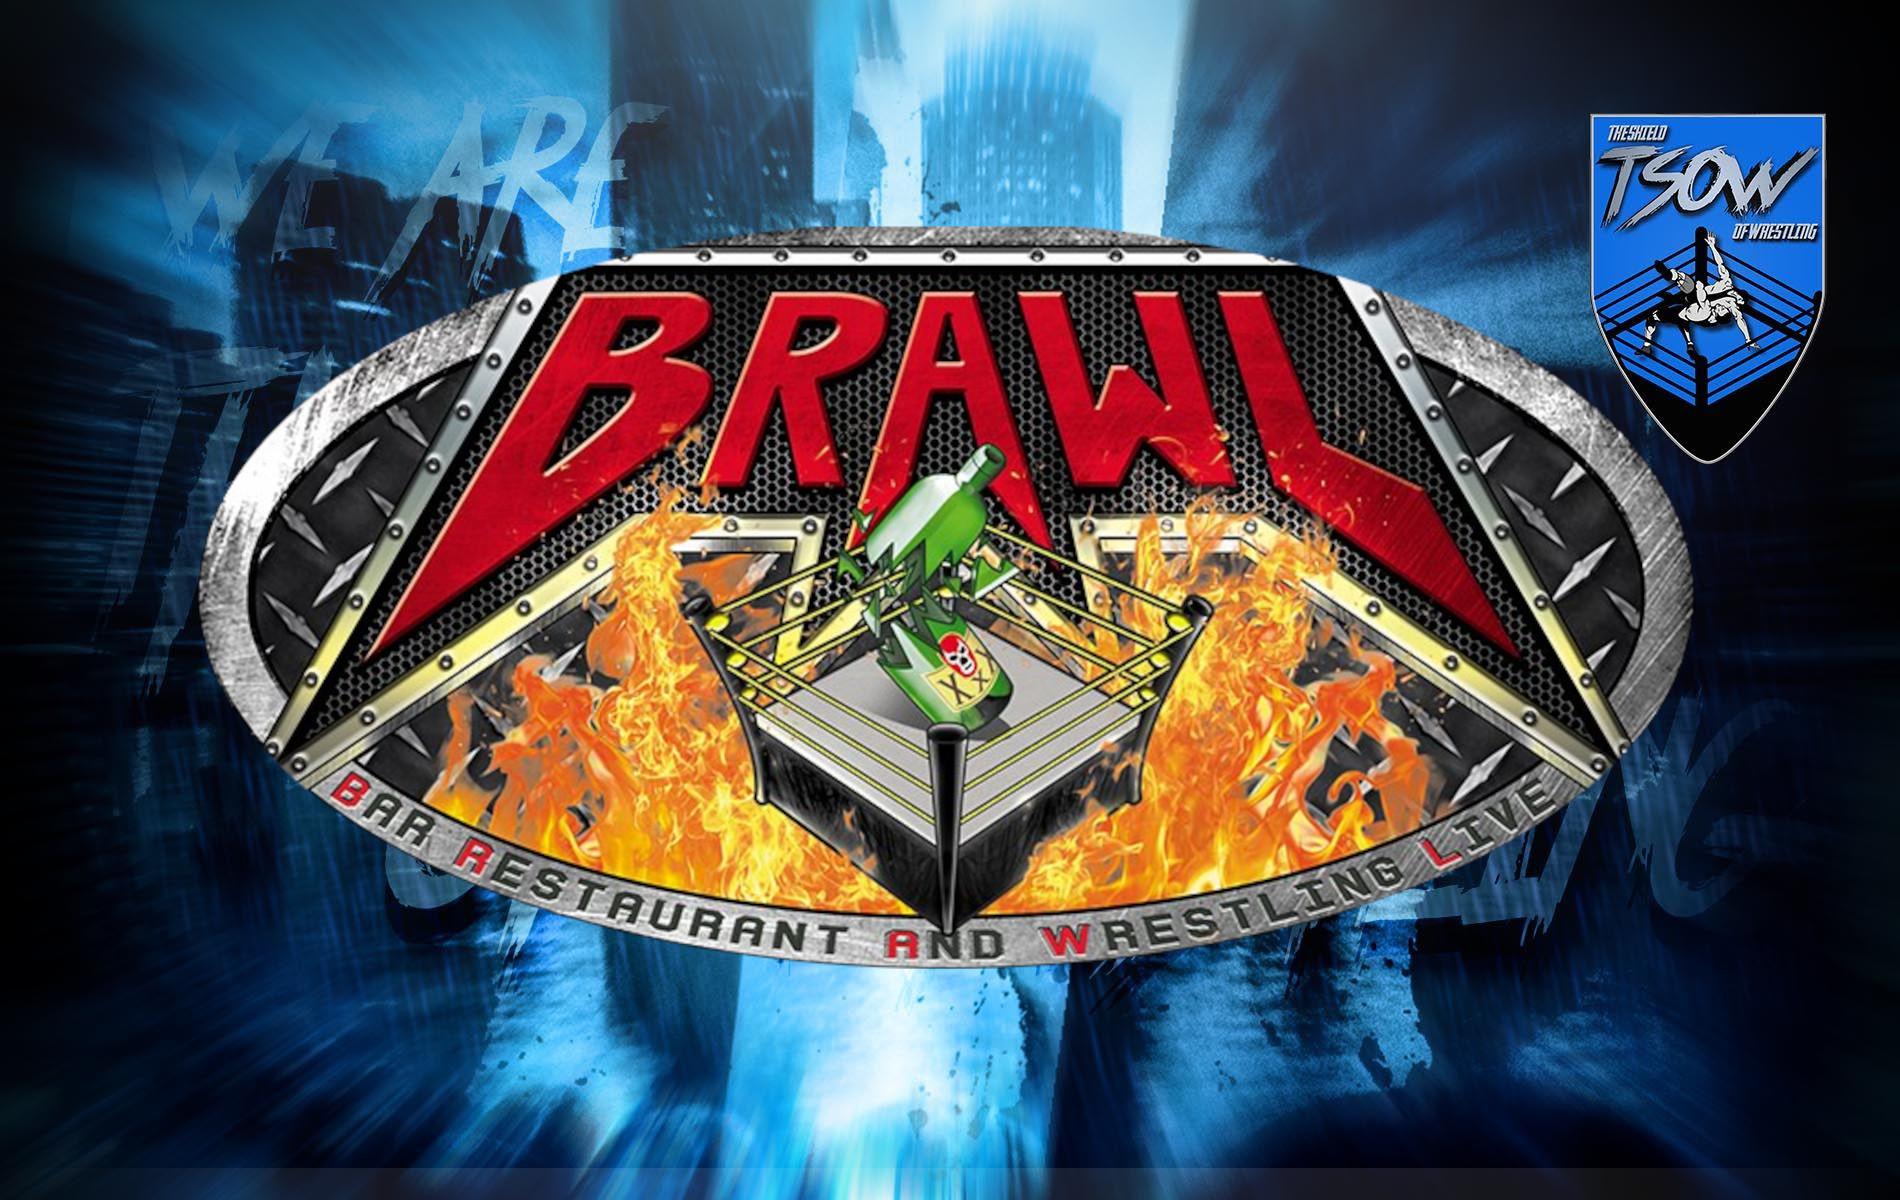 Brawl: chiuso definitivamente il ristorante a tema wrestling di Milano